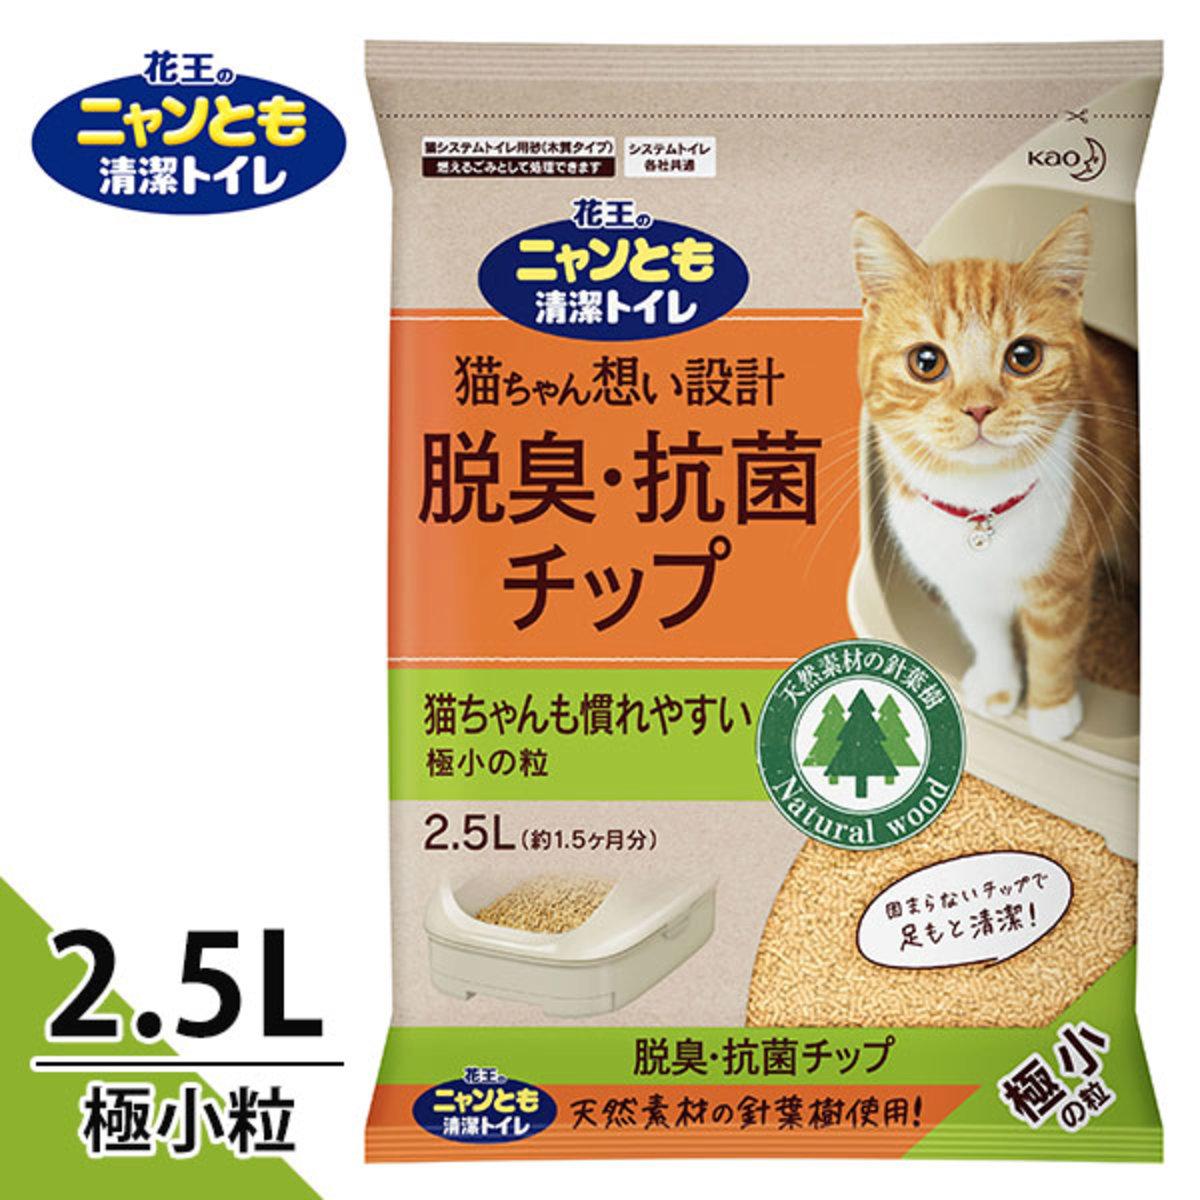 Kao 花王-脫臭抗菌滲透式木貓砂2.5L (極細粒3mm)